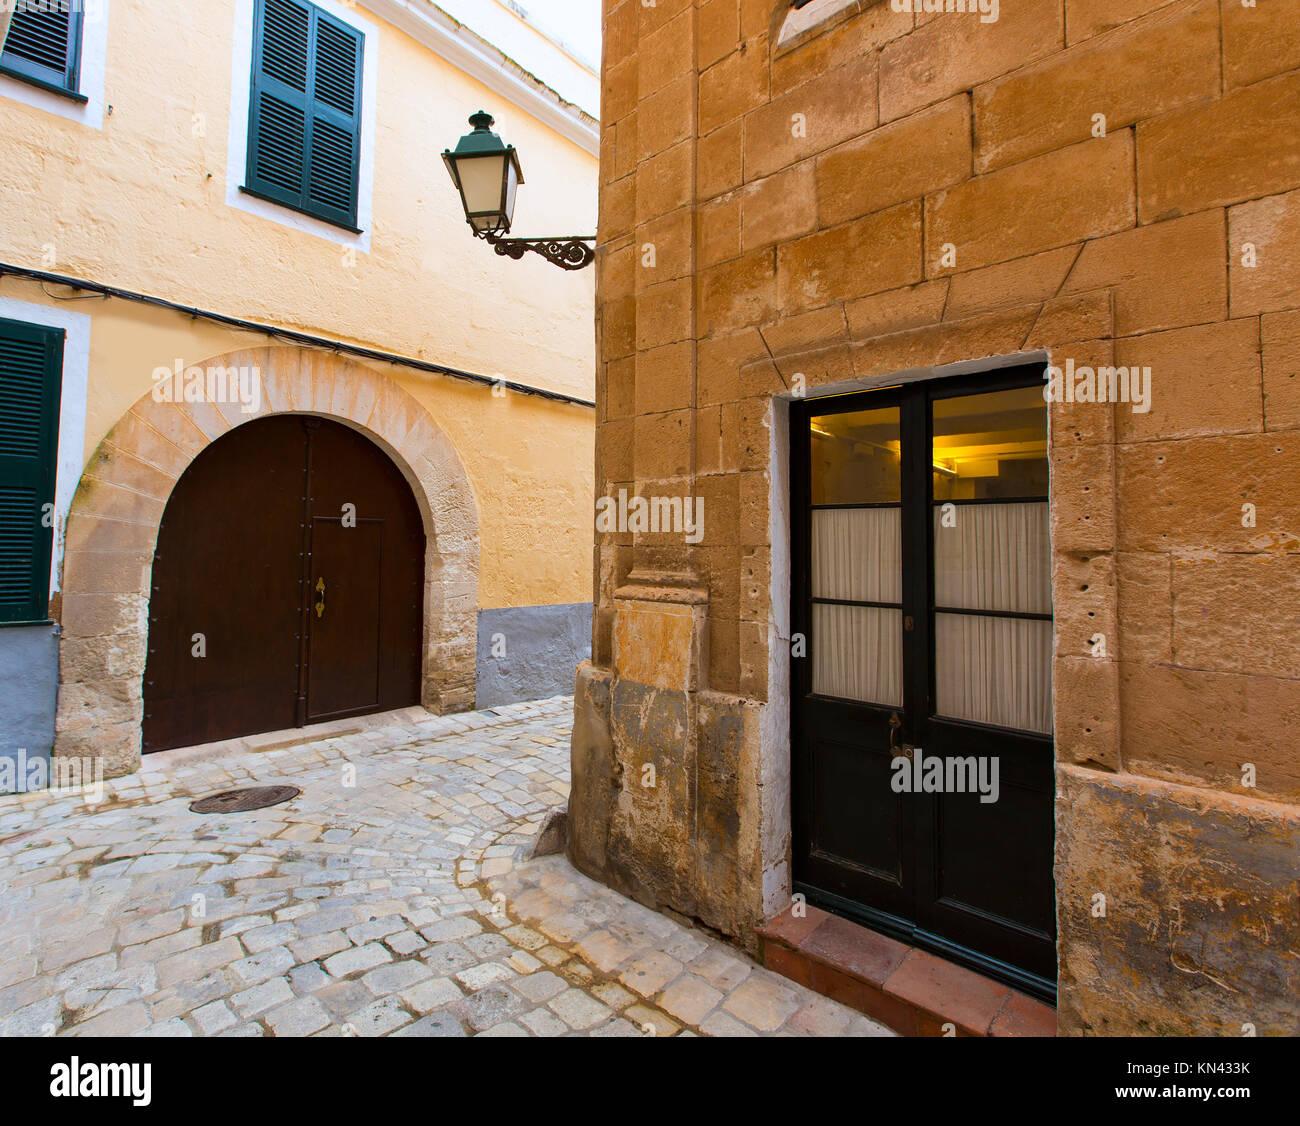 La histórica ciudad de Ciutadella de Menorca en las islas Baleares. Imagen De Stock